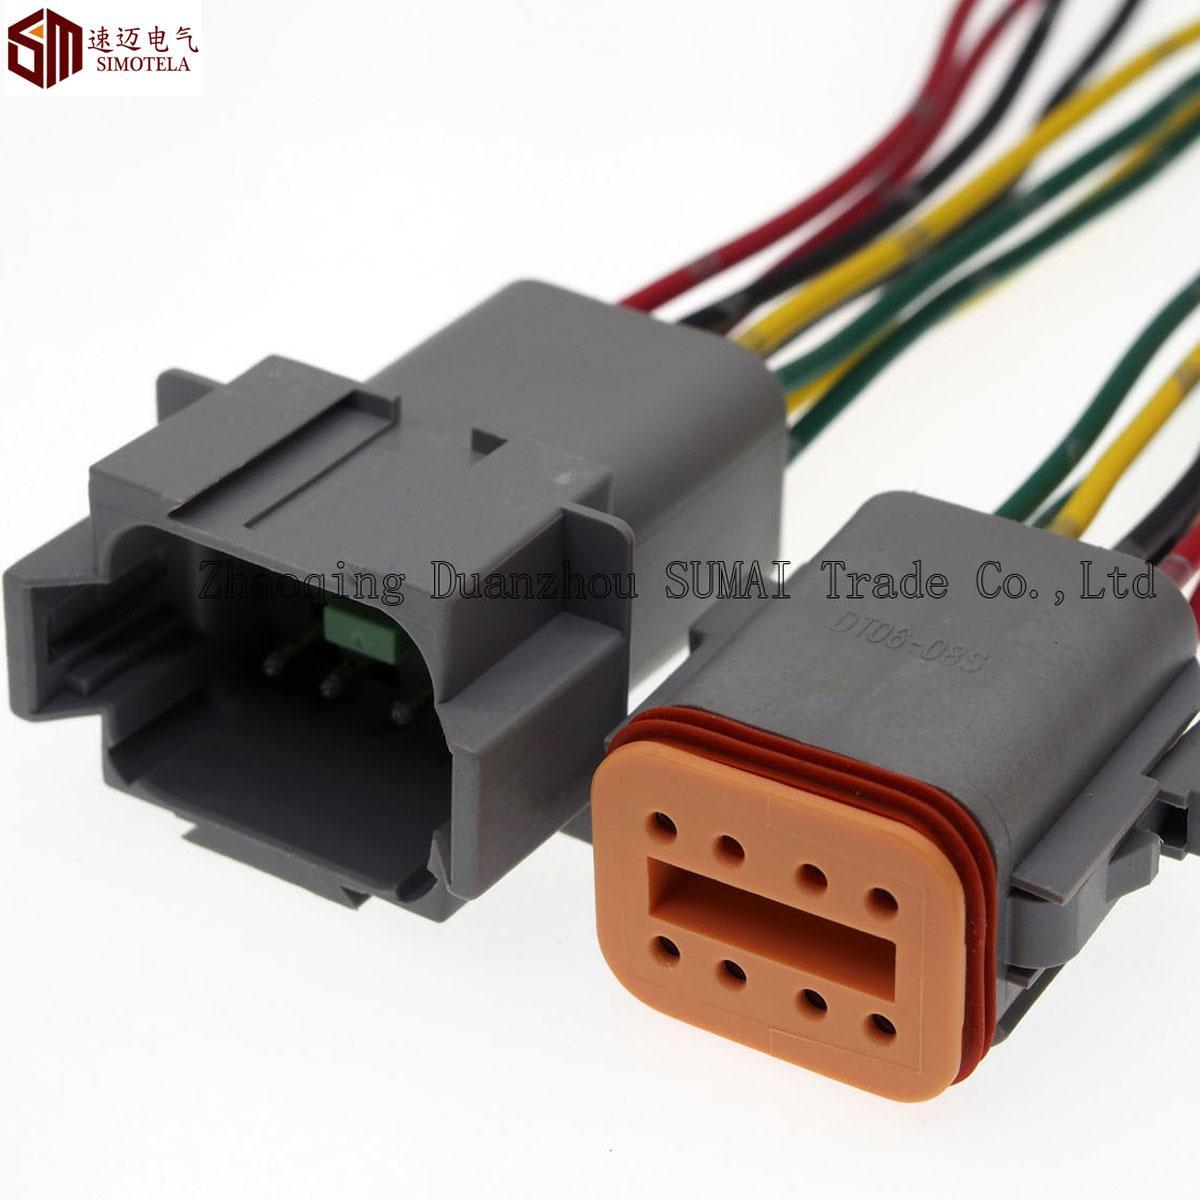 Deutsch DT06-8S y DT04-8P establecen conector eléctrico a prueba de agua de 8 pines del motor / caja de engranajes para automóviles, autobuses, camiones, barcos